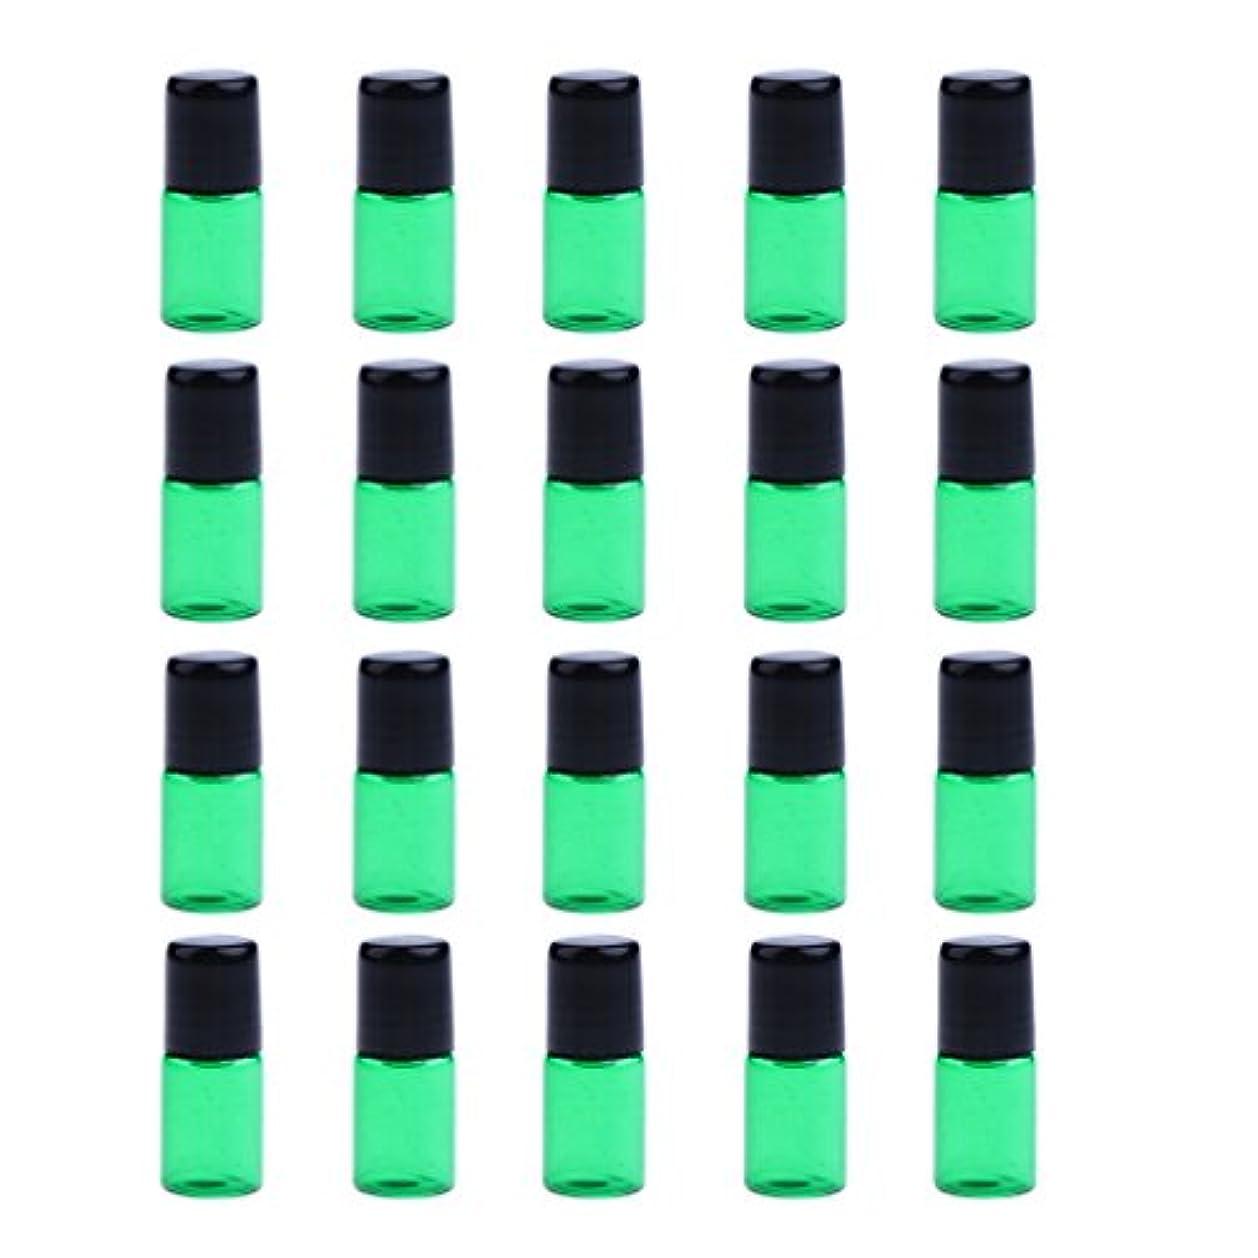 マーキング今まで機械的にP Prettyia ローラーボトル ガラス瓶 詰替えボトル 香水ボトル コスメ用 詰替え容器 全4色3サイズ選べる - 緑, 2ML